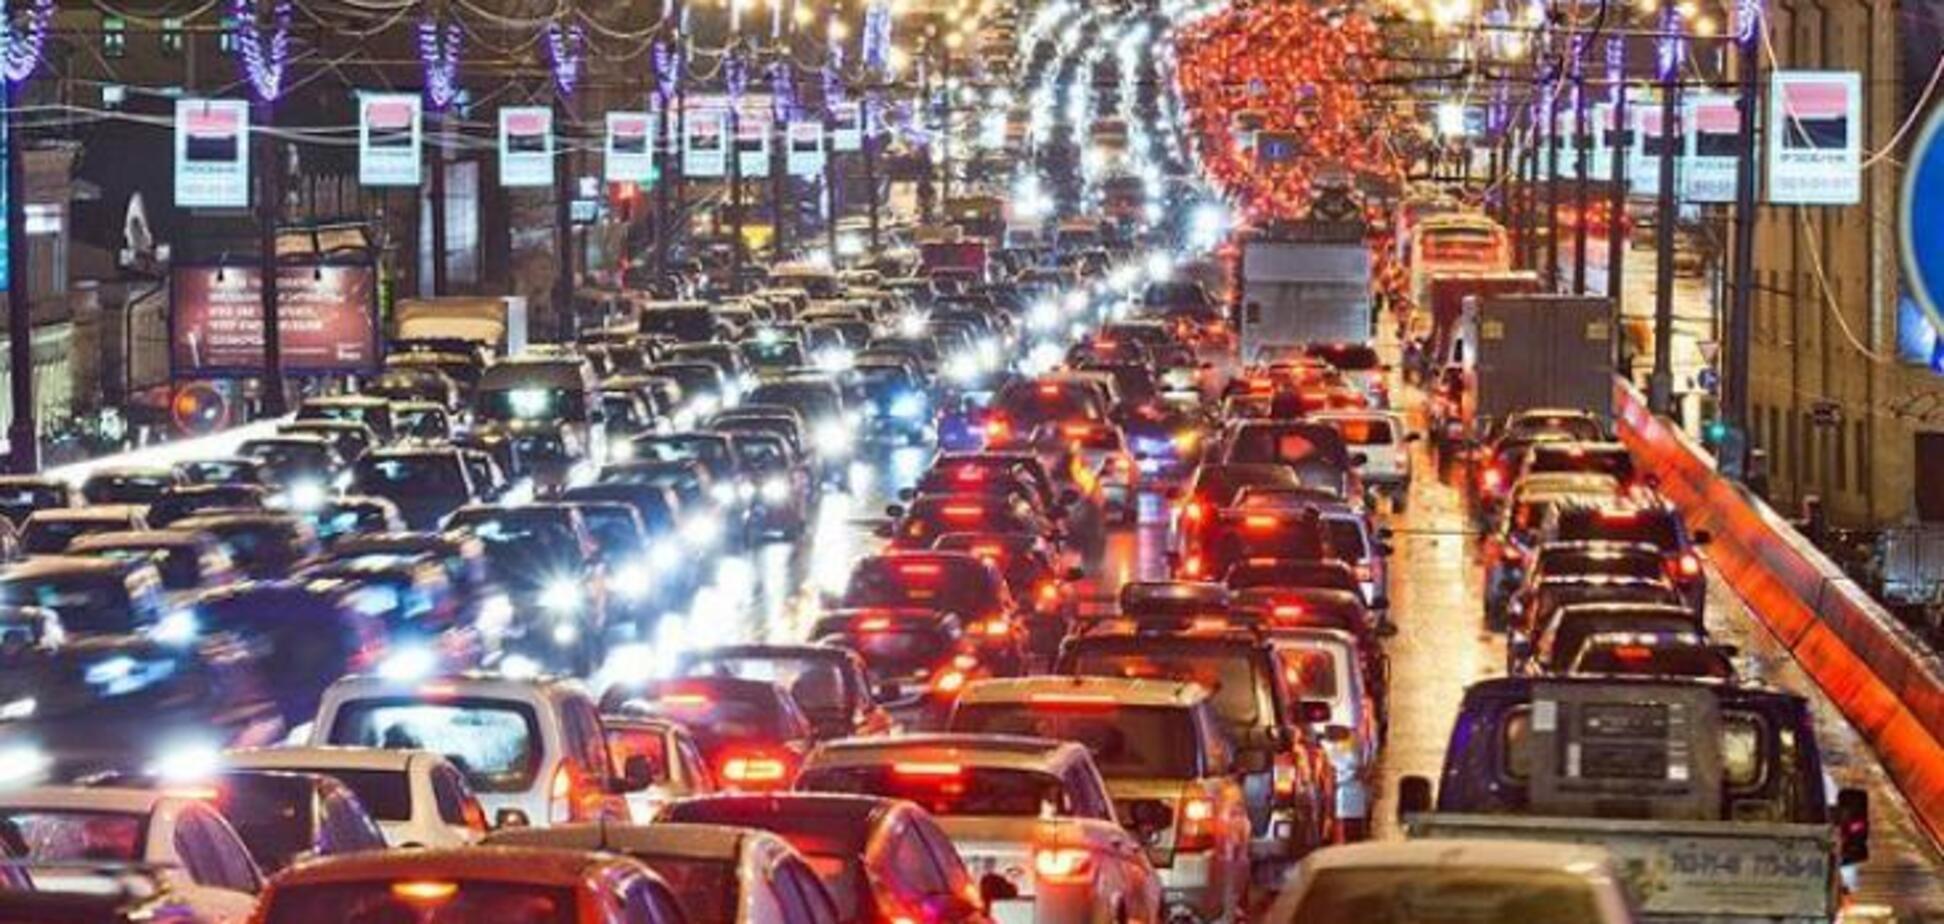 Культура вождения в Киеве безобразная. Даже штрафы не спасают